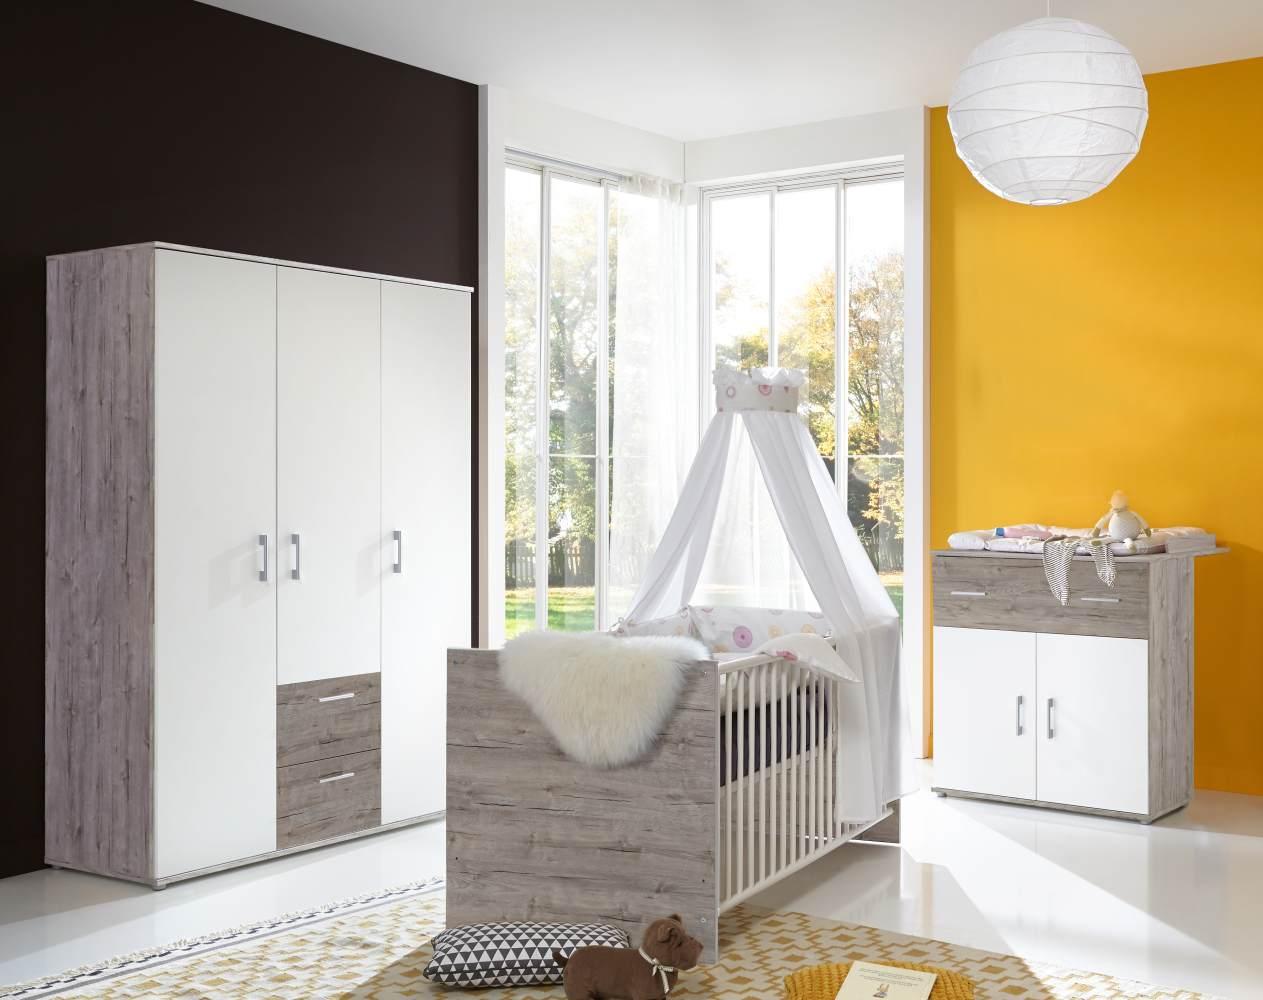 Arthur Berndt 'Franzi' Babyzimmerset 3-teilig, Eiche Sand / Weiß, aus Kinderbett (70 x 140 cm), Wickelkommode mit Aufsatzseiten und Kleiderschrank Bild 1